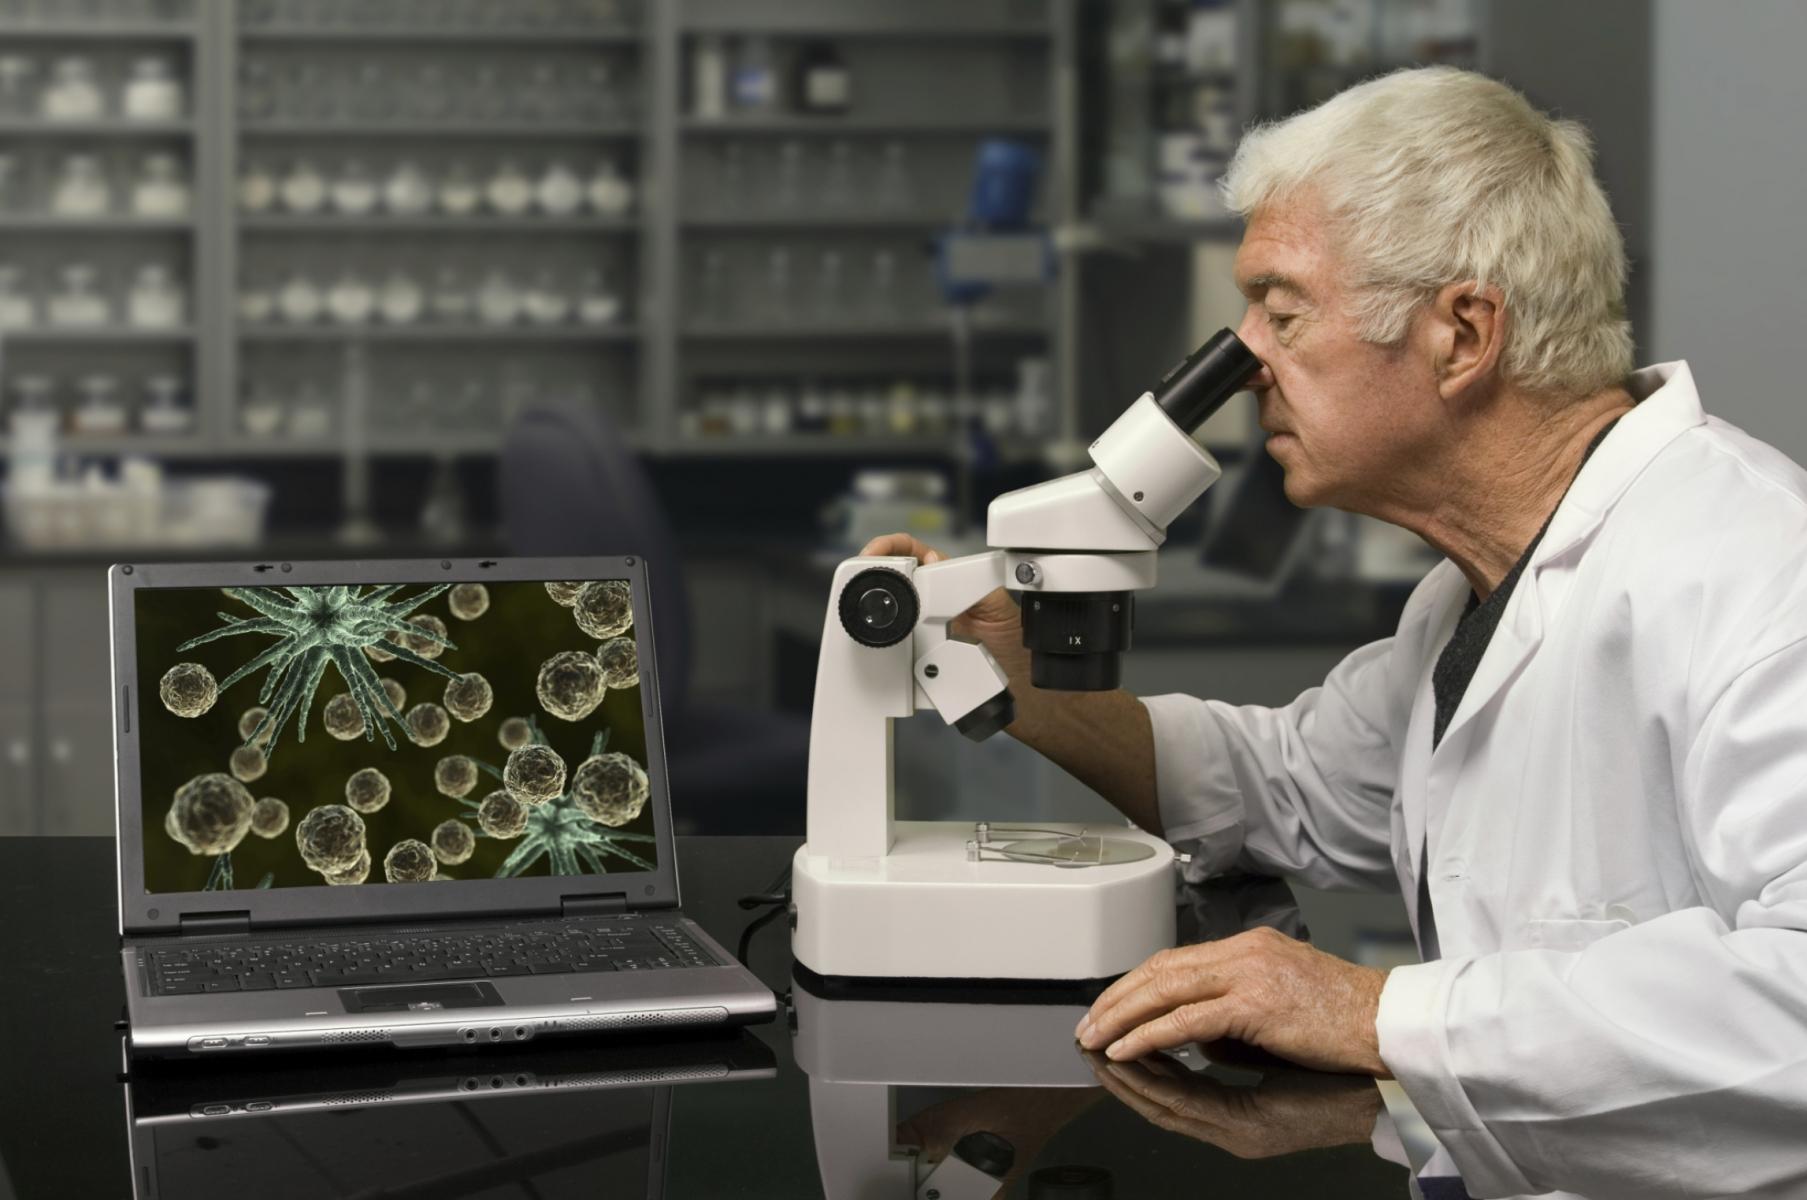 Микроскопия мазка на молочницу, взятого из влагалища или уретры